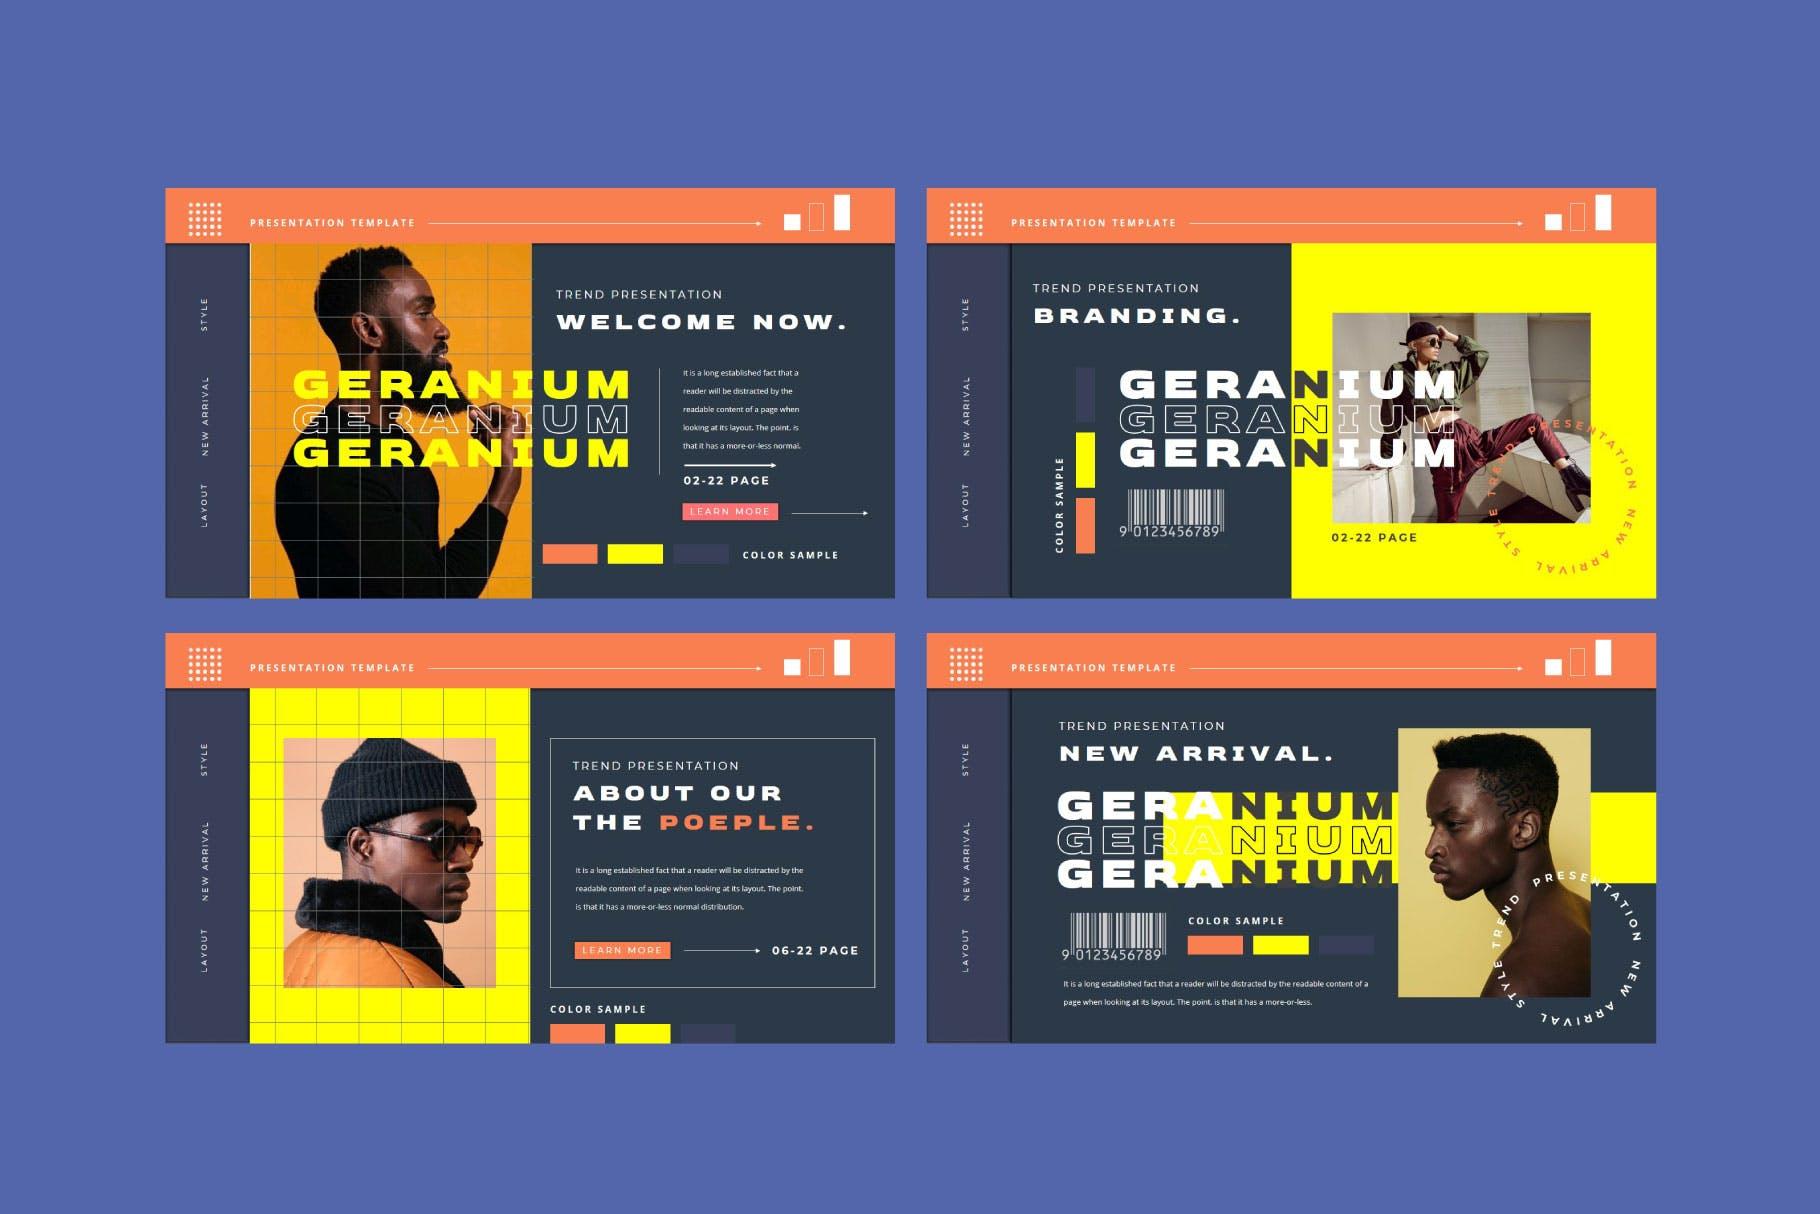 潮流品牌营销提案简报作品集设计模板 GERANIUM Powerpoint Template插图5